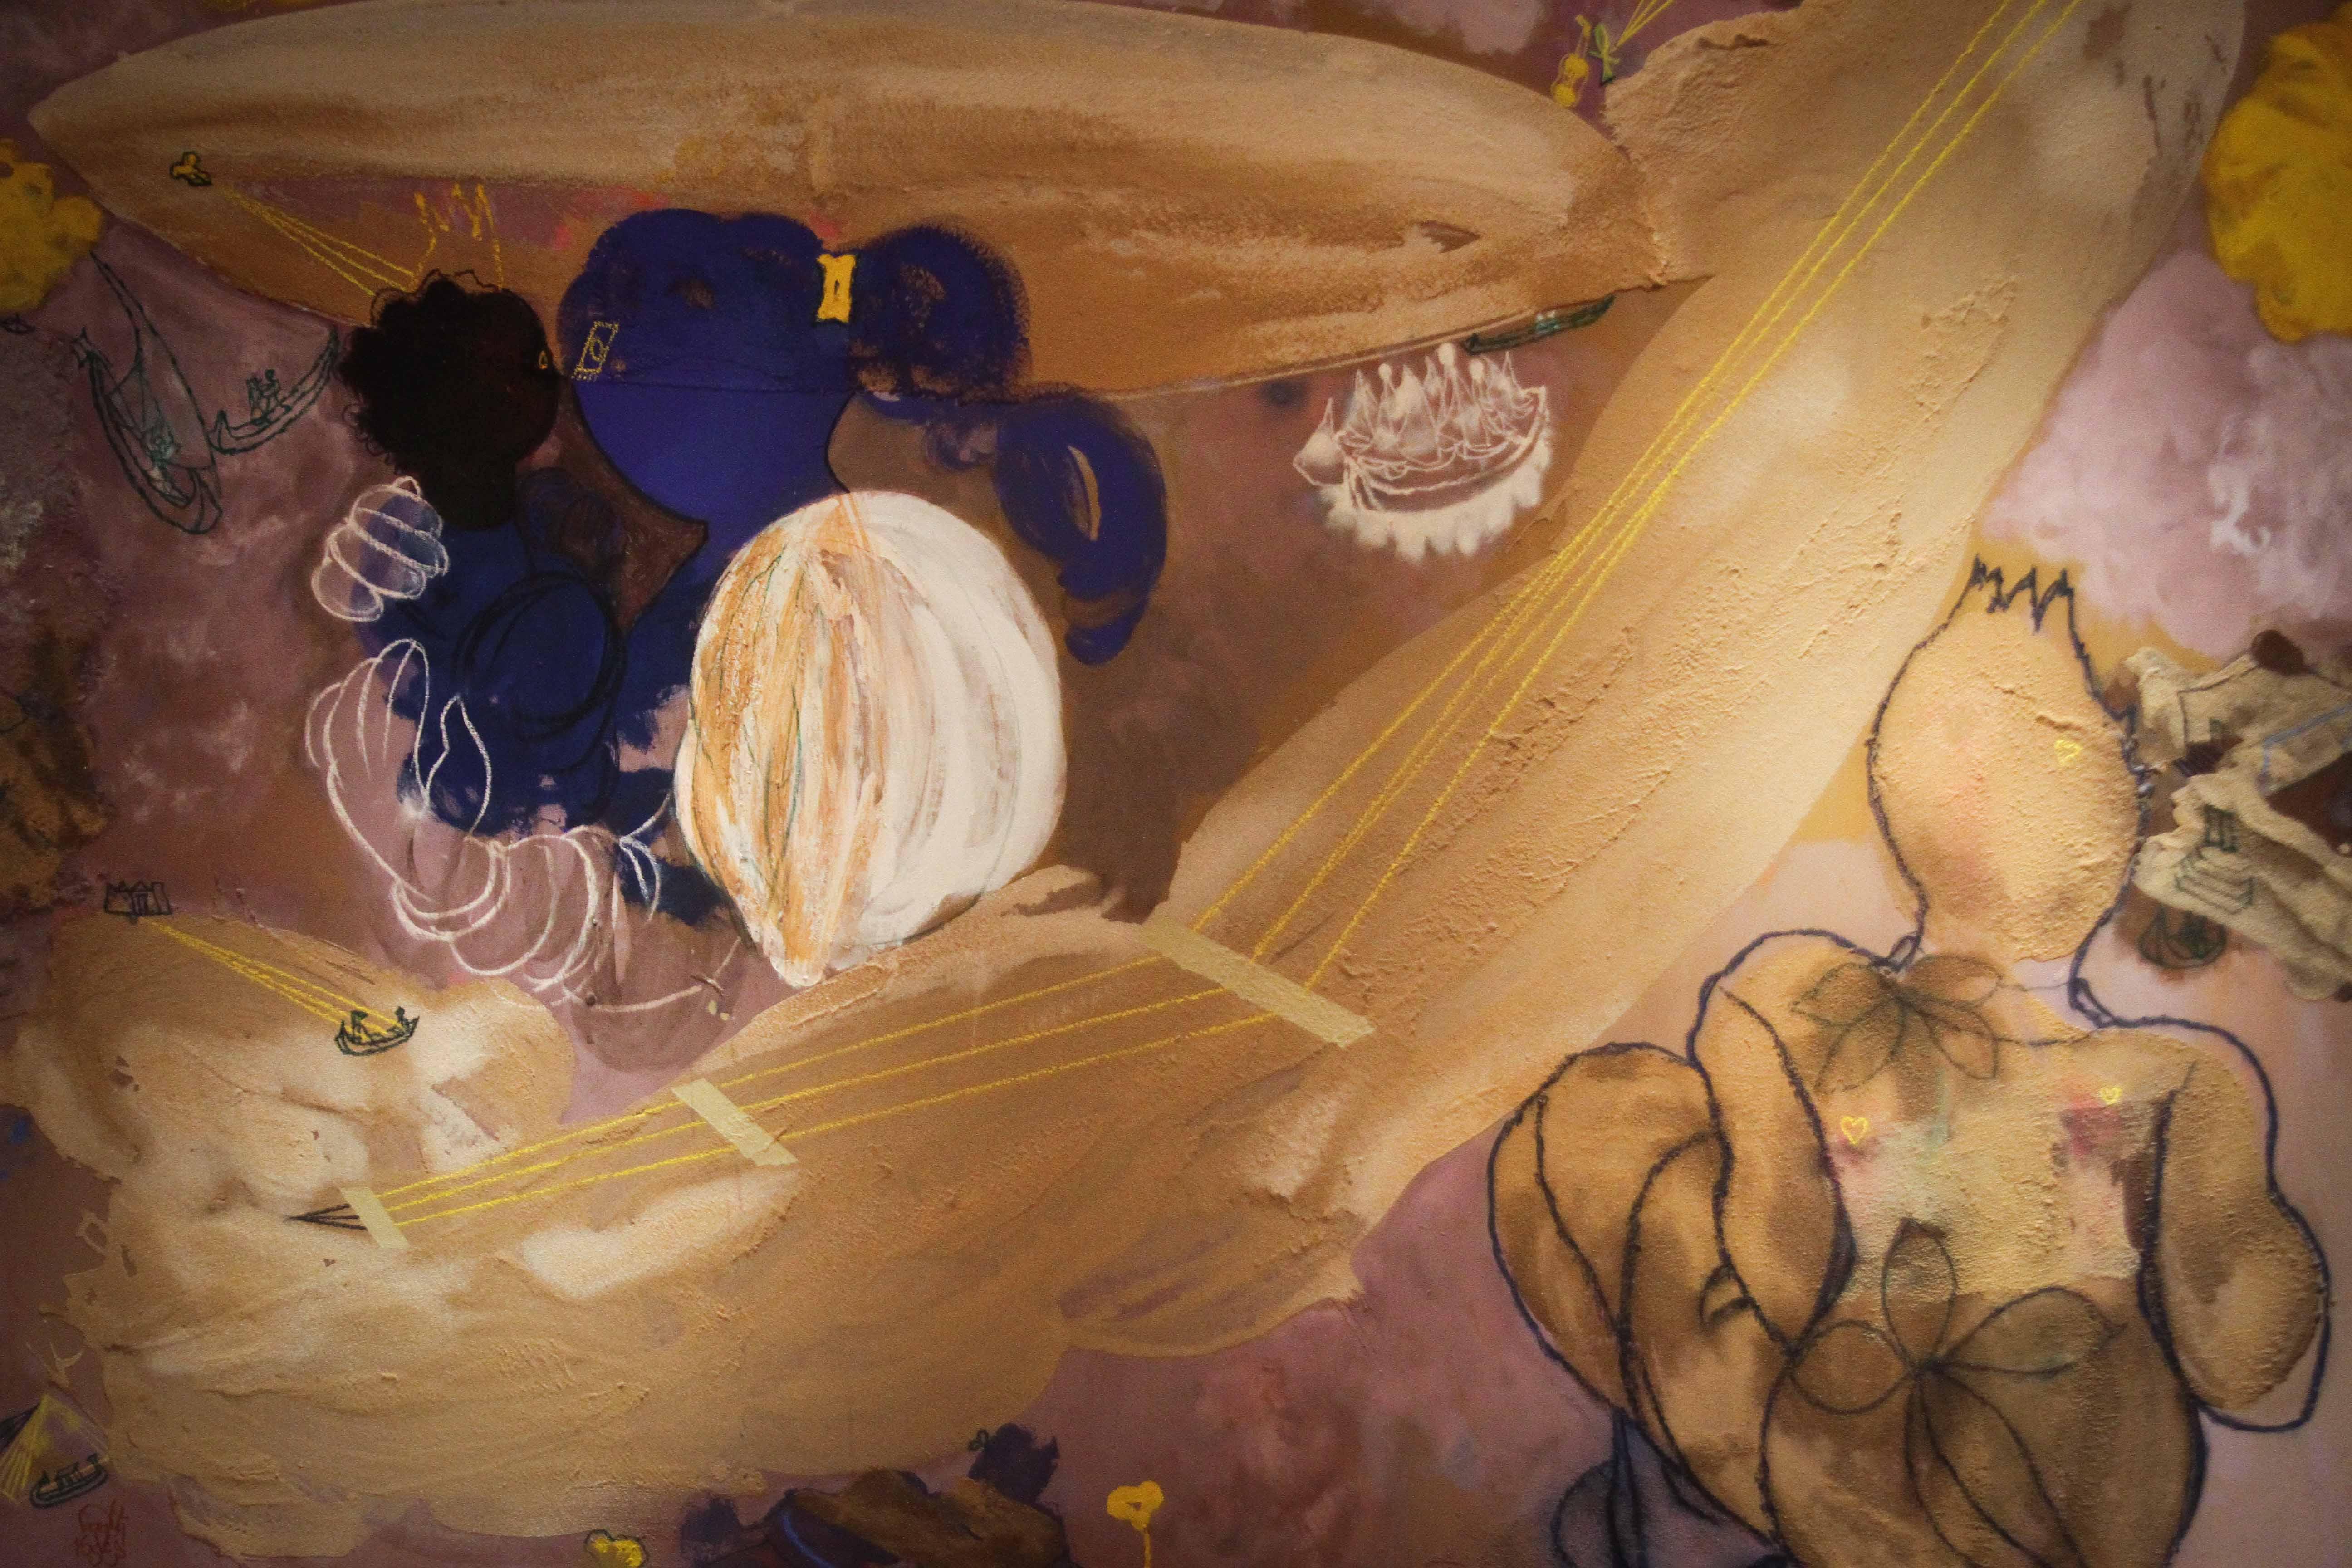 معرض مصر ستعاود العطاء للفنان فرغى عبد الحفيظ (9)